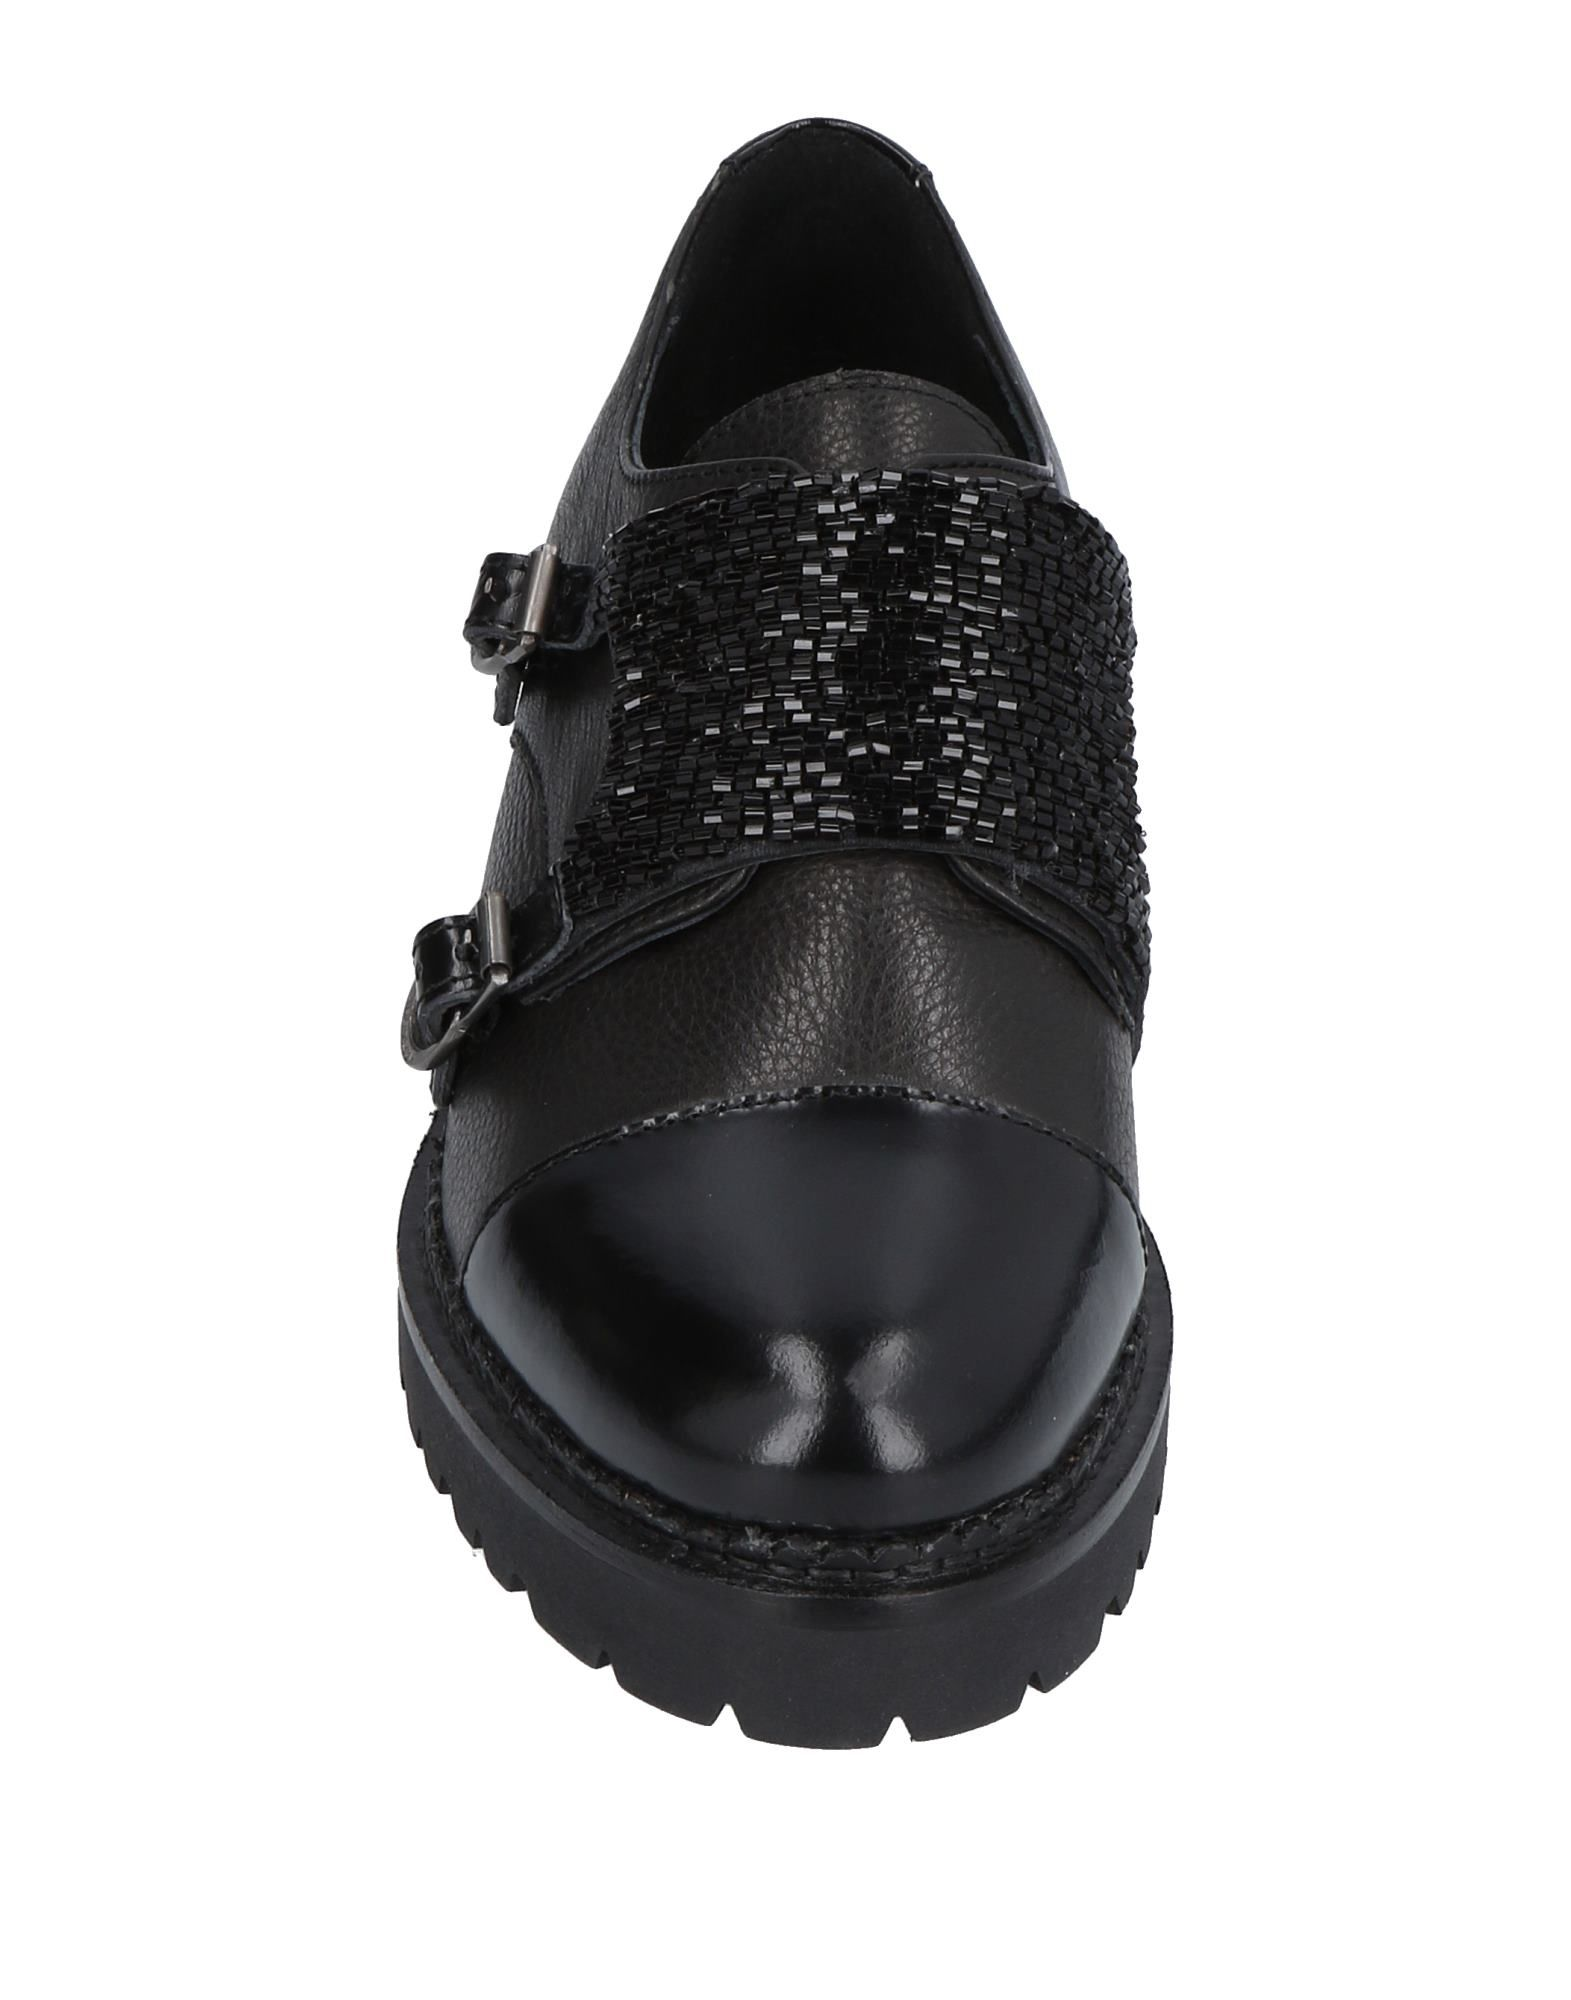 Apepazza Mokassins Damen beliebte  11467826VK Gute Qualität beliebte Damen Schuhe df0cda